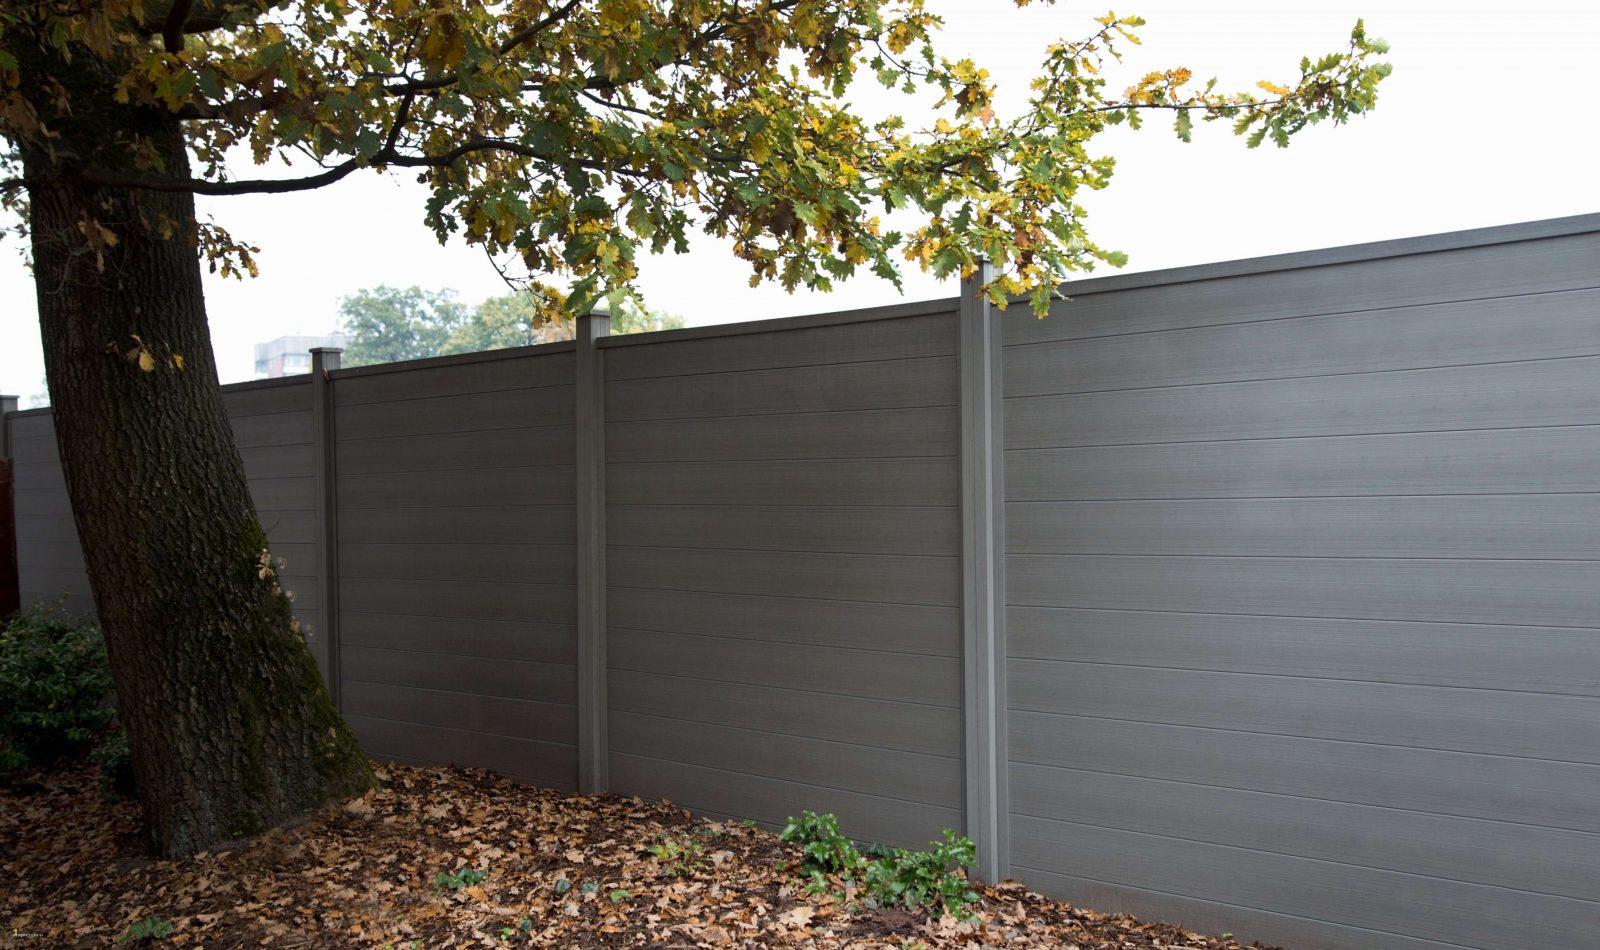 25 Schön Sichtschutz Selber Bauen Anleitung Genial Schema Von von Gartenzaun Selber Bauen Metall Bild